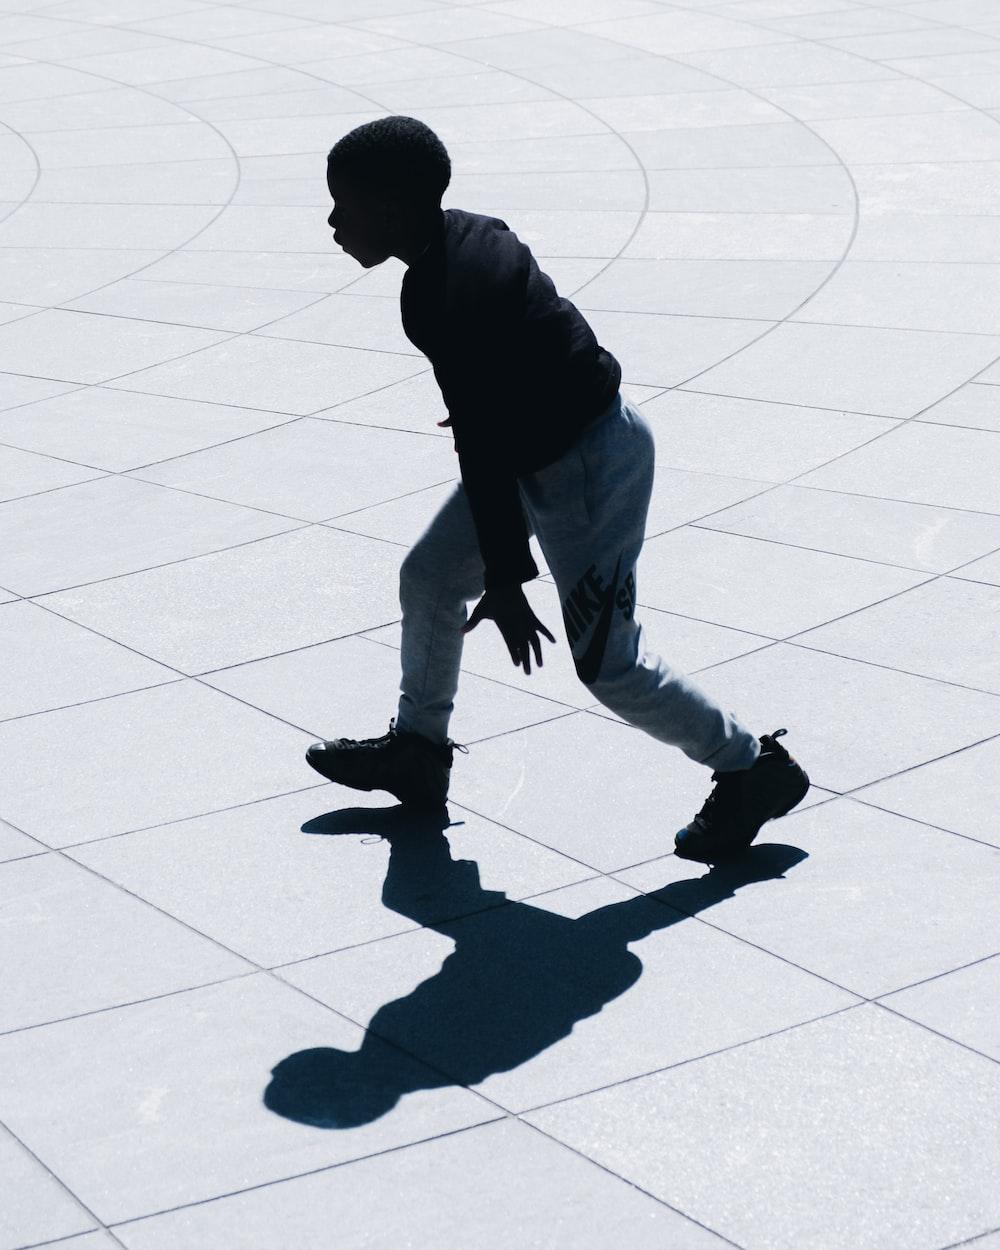 man performing during daytime